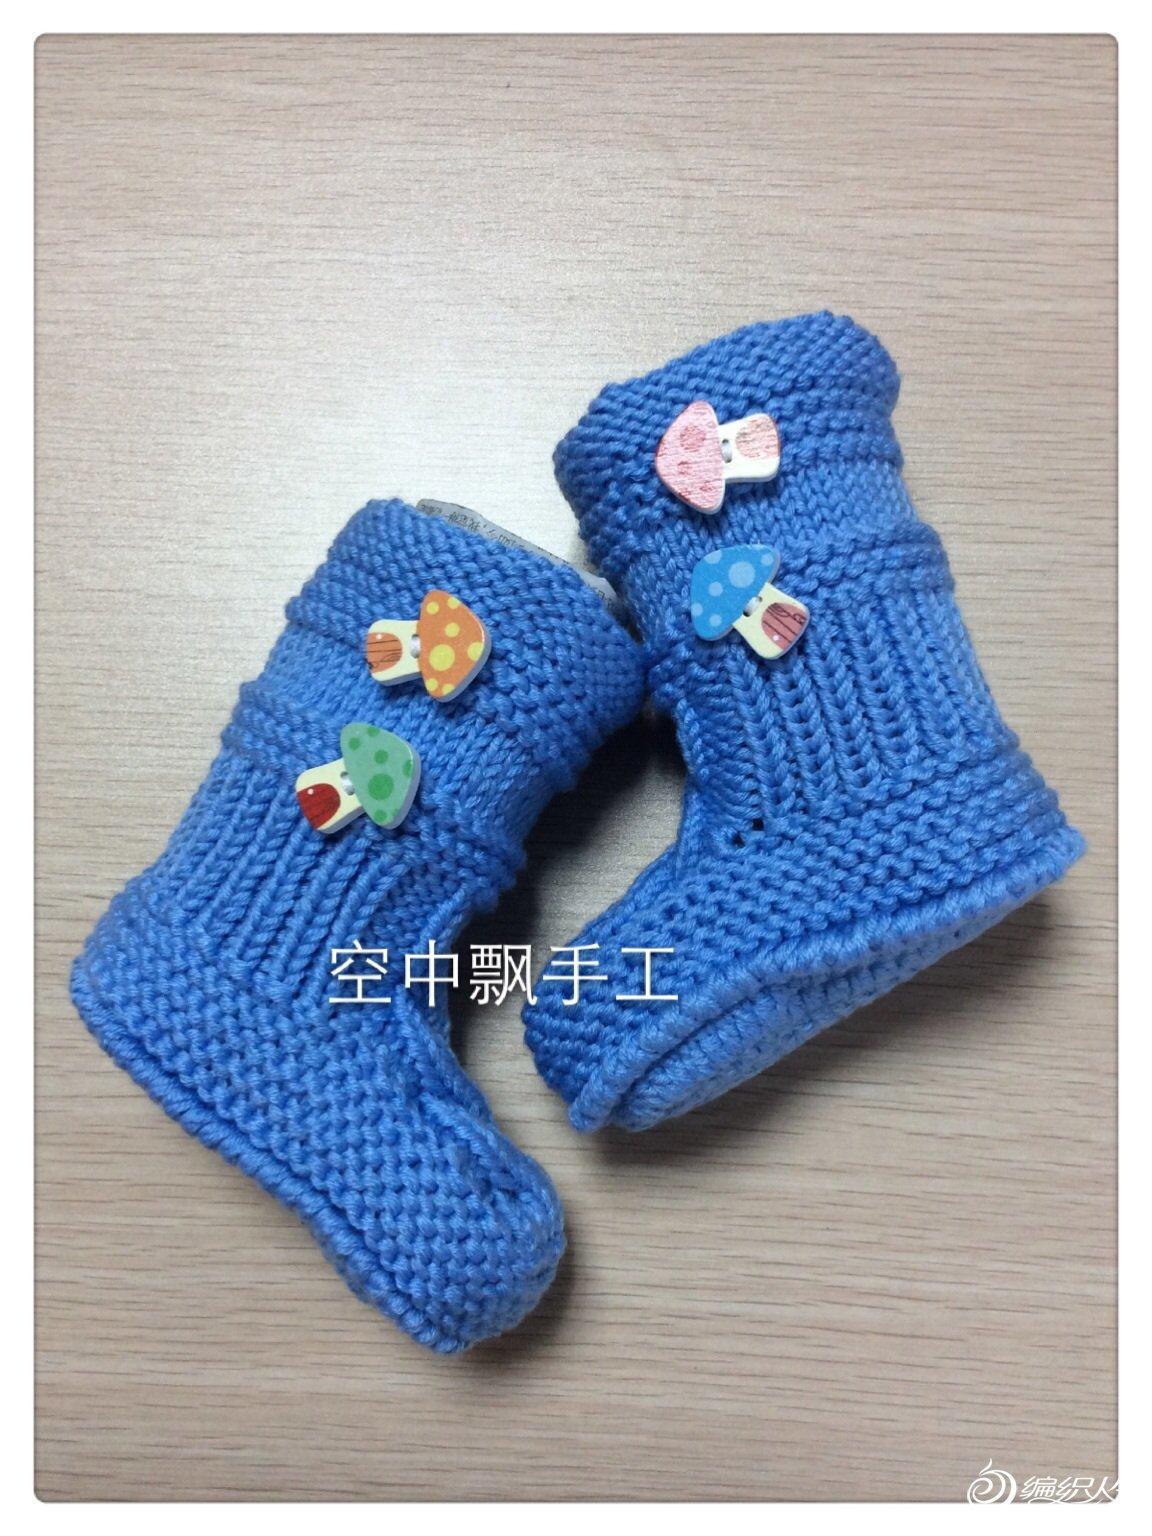 超详细宝宝鞋织法教程之钩织结合宝宝高筒鞋毛线雪地图片